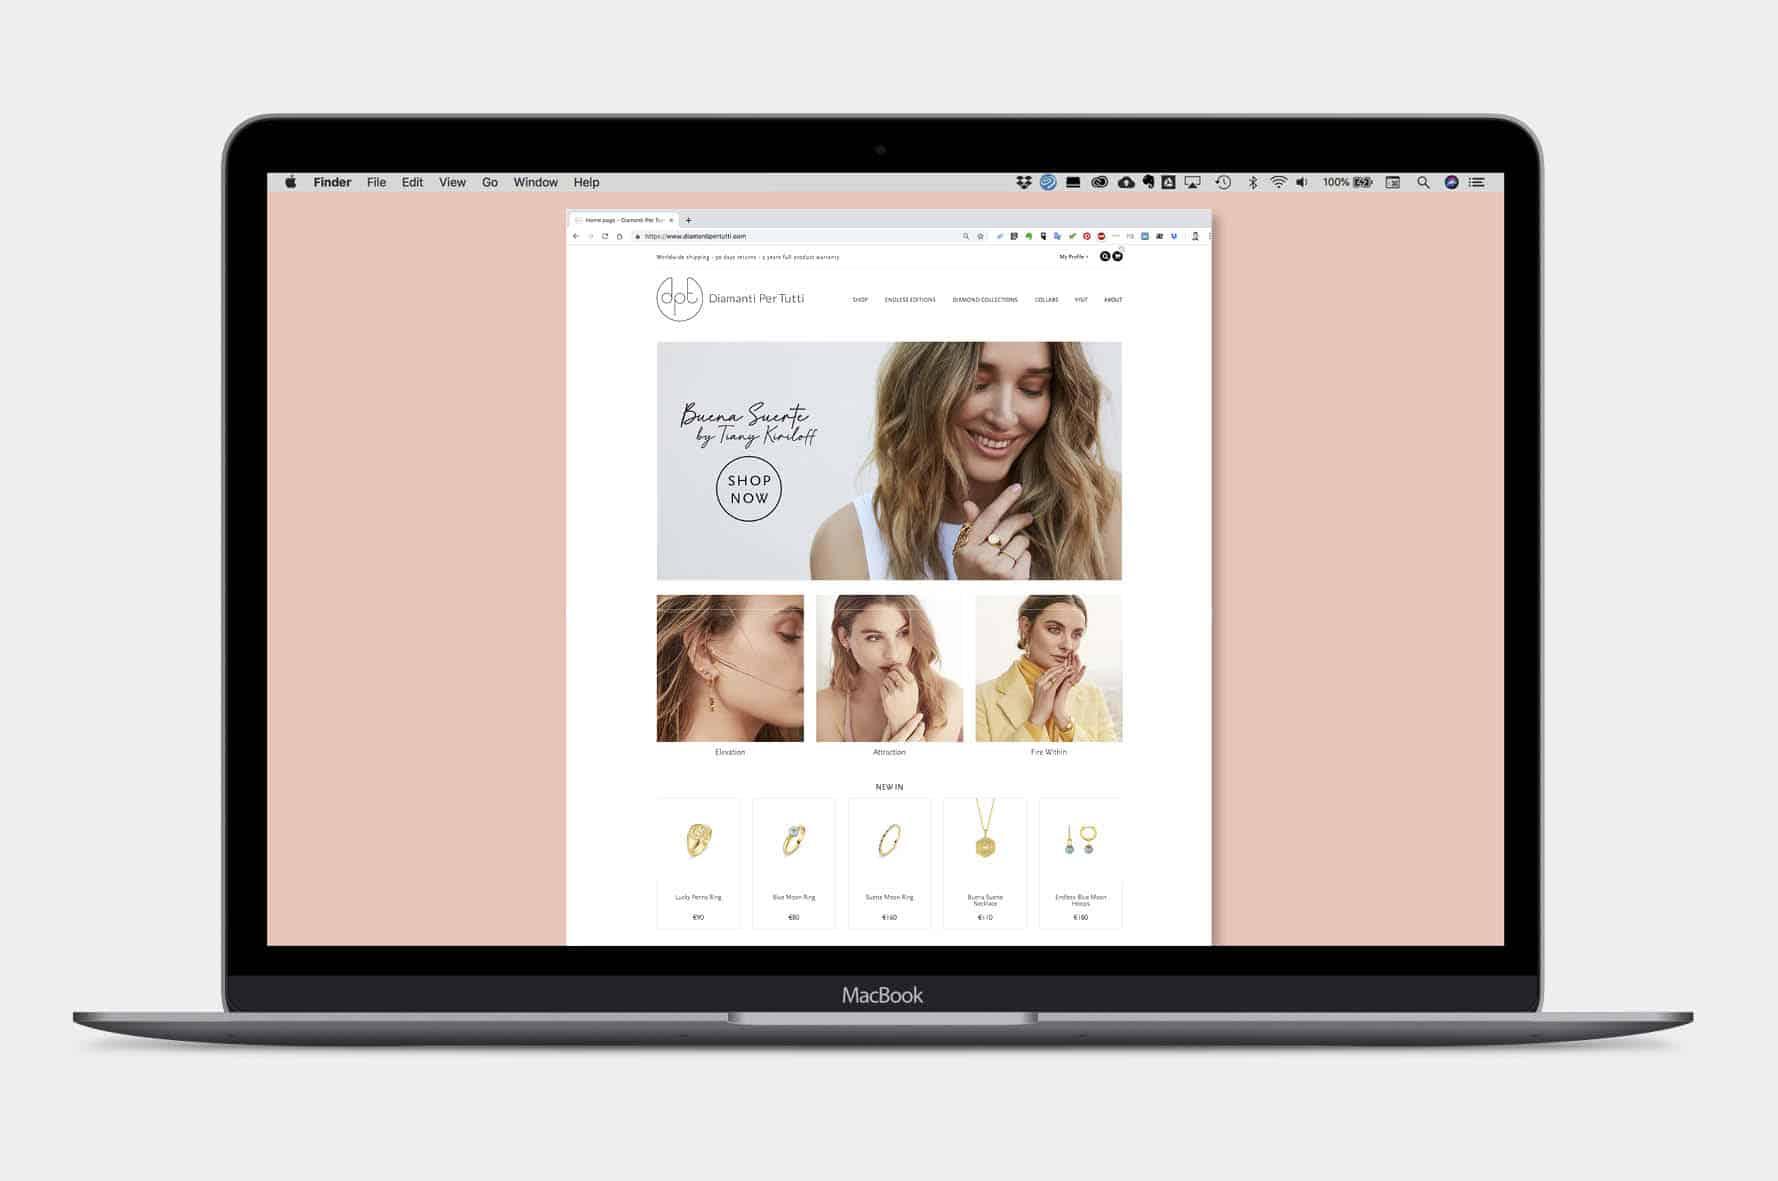 Website Diamanti Per Tutti - branding